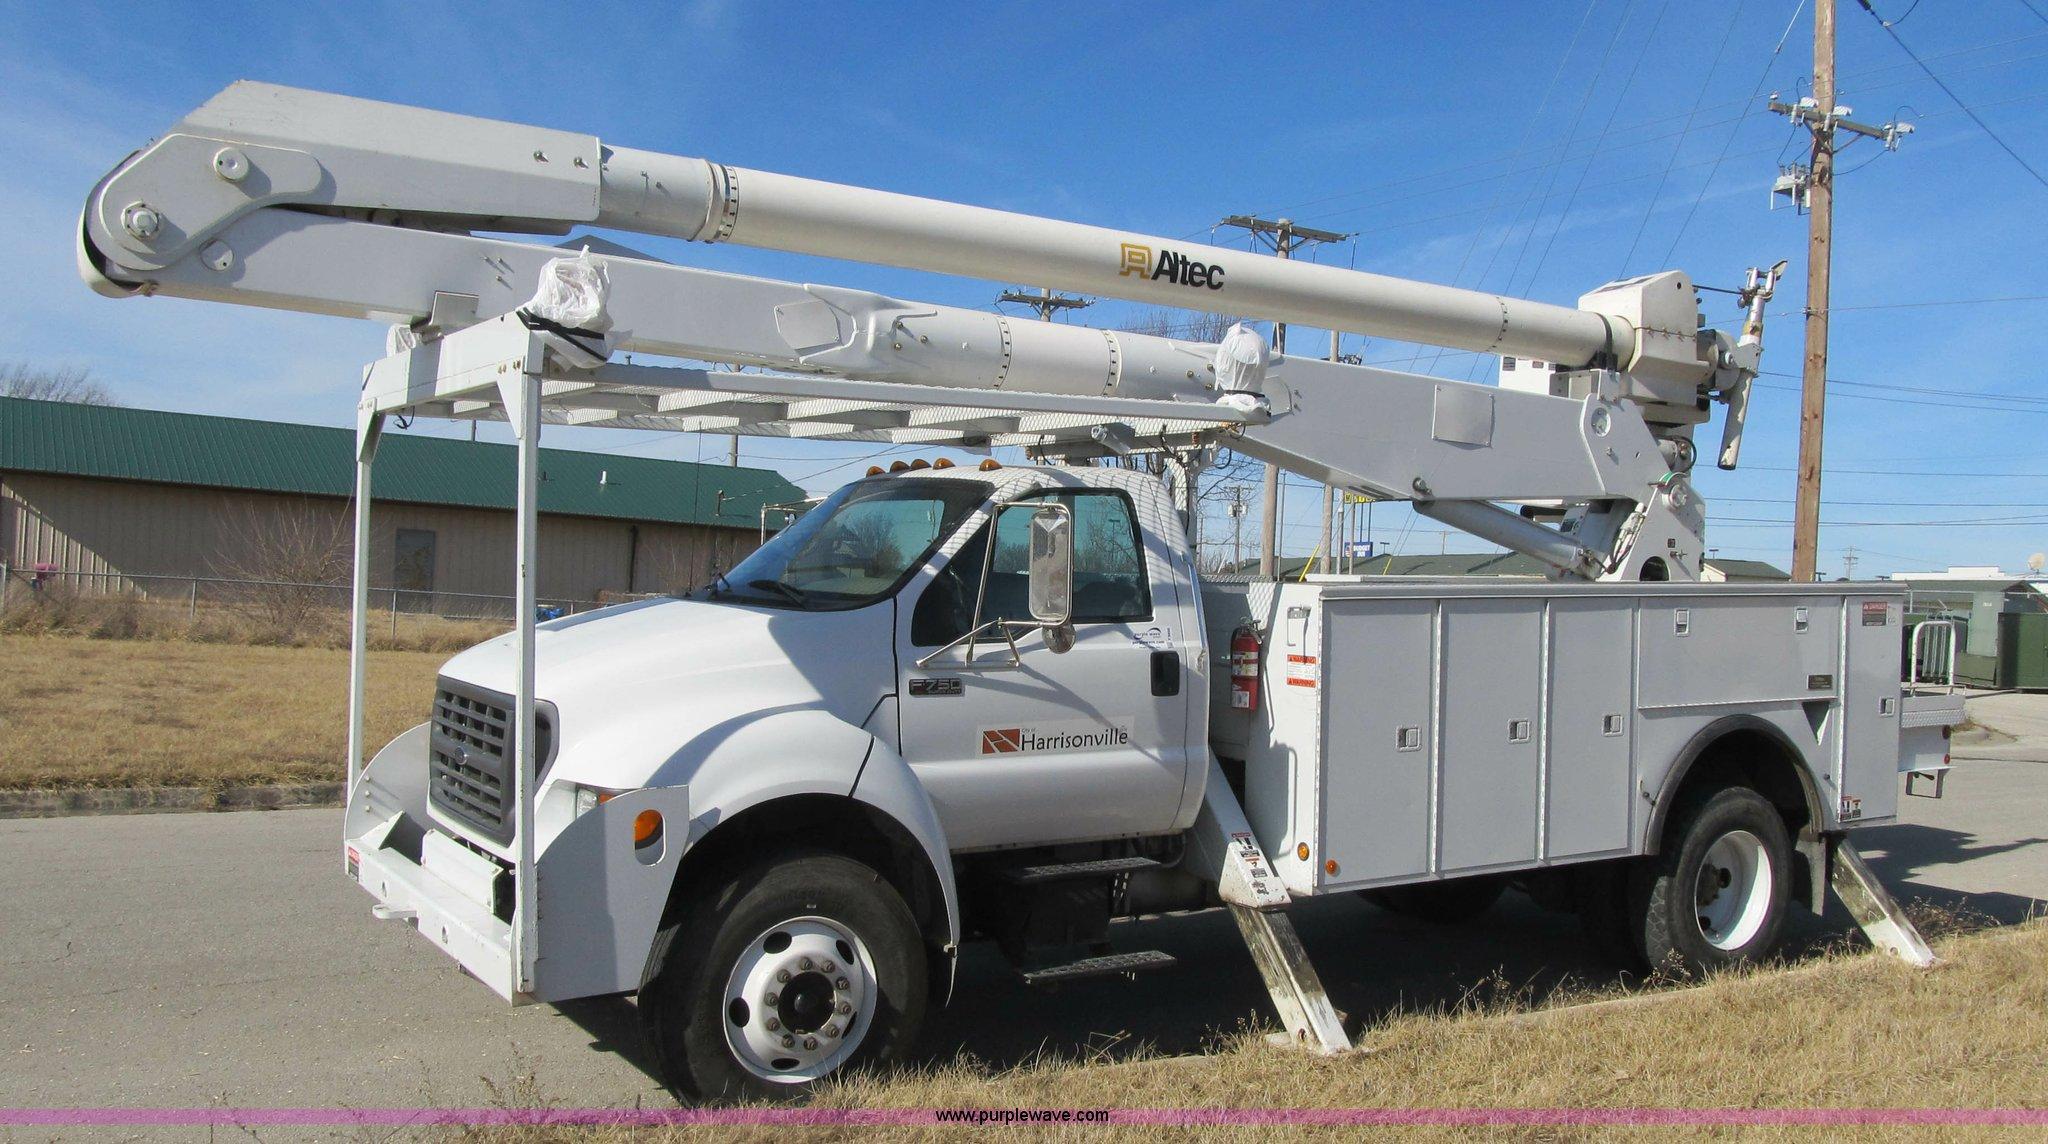 altec boom truck service manual open source user manual u2022 rh dramatic varieties com Altec Bucket Trucks Altec AT200A Bucket Boom